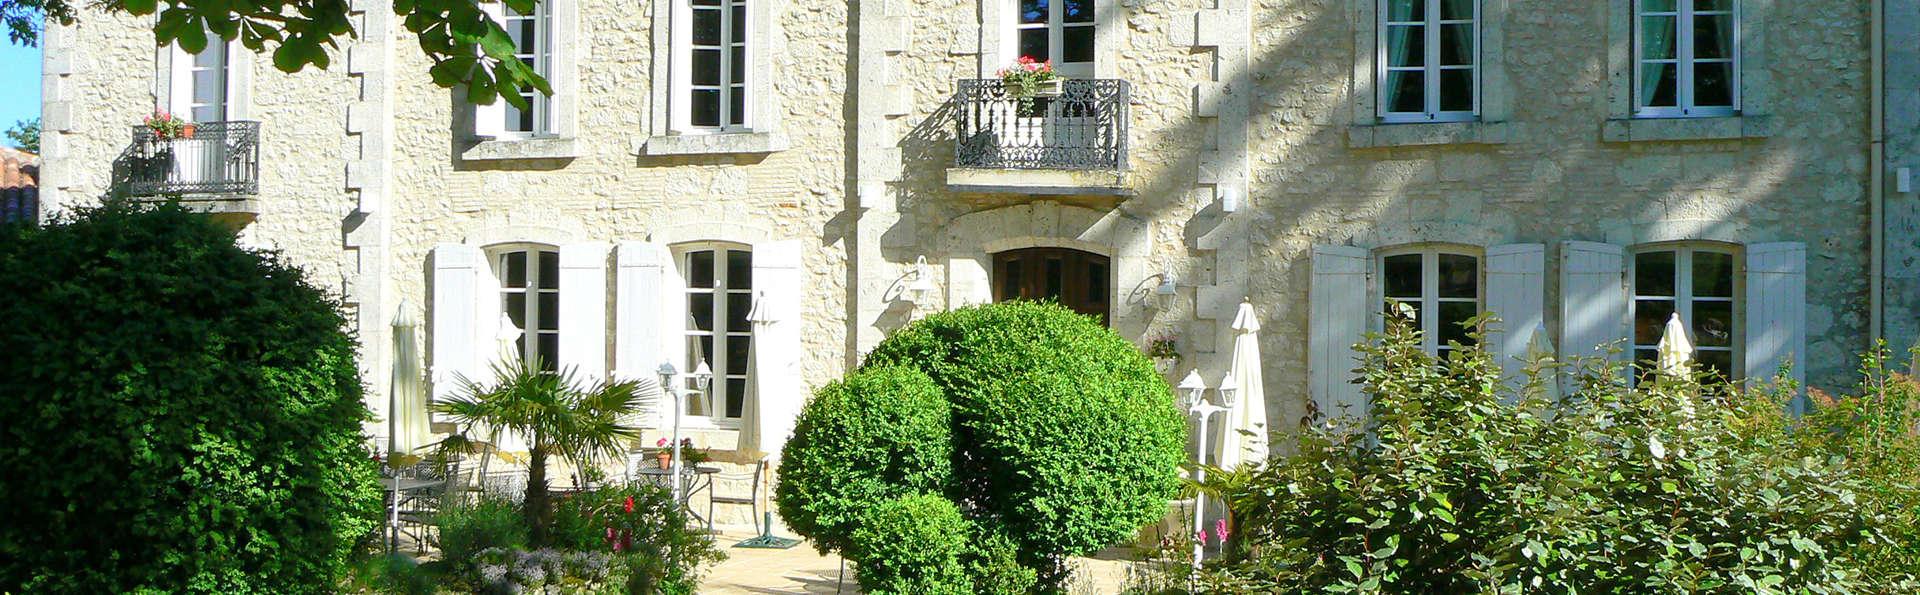 Week-end dans un château près de Cahors